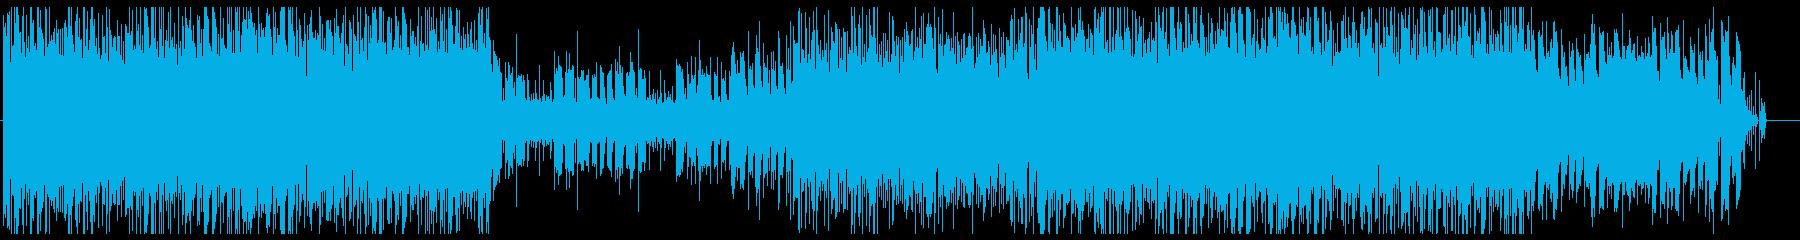 ワイルドでアップテンポなビートサウンドの再生済みの波形